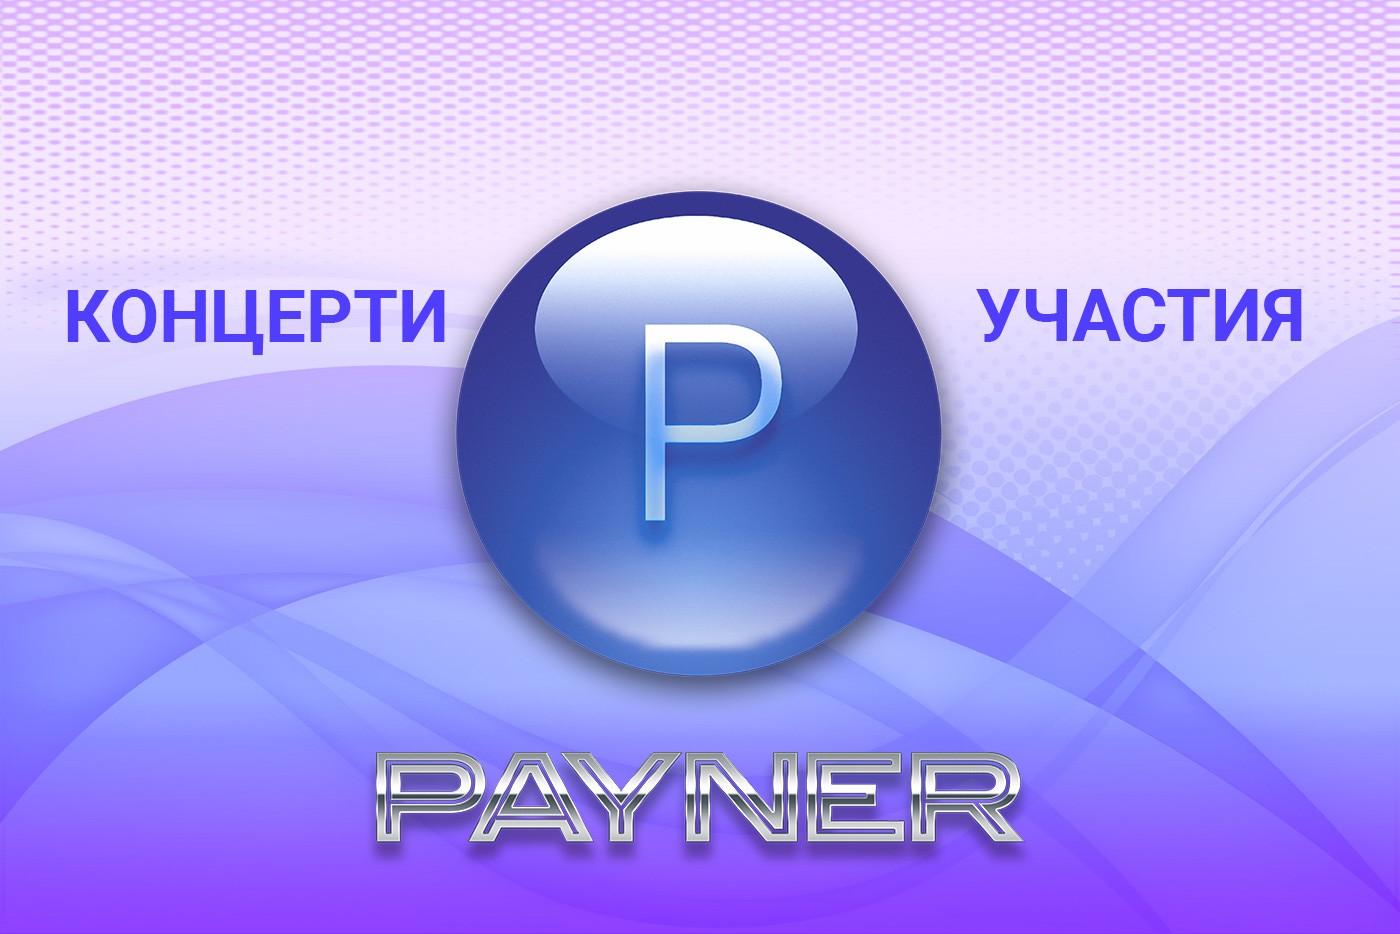 """Участия на звездите на """"Пайнер"""" на 15.07.2020"""